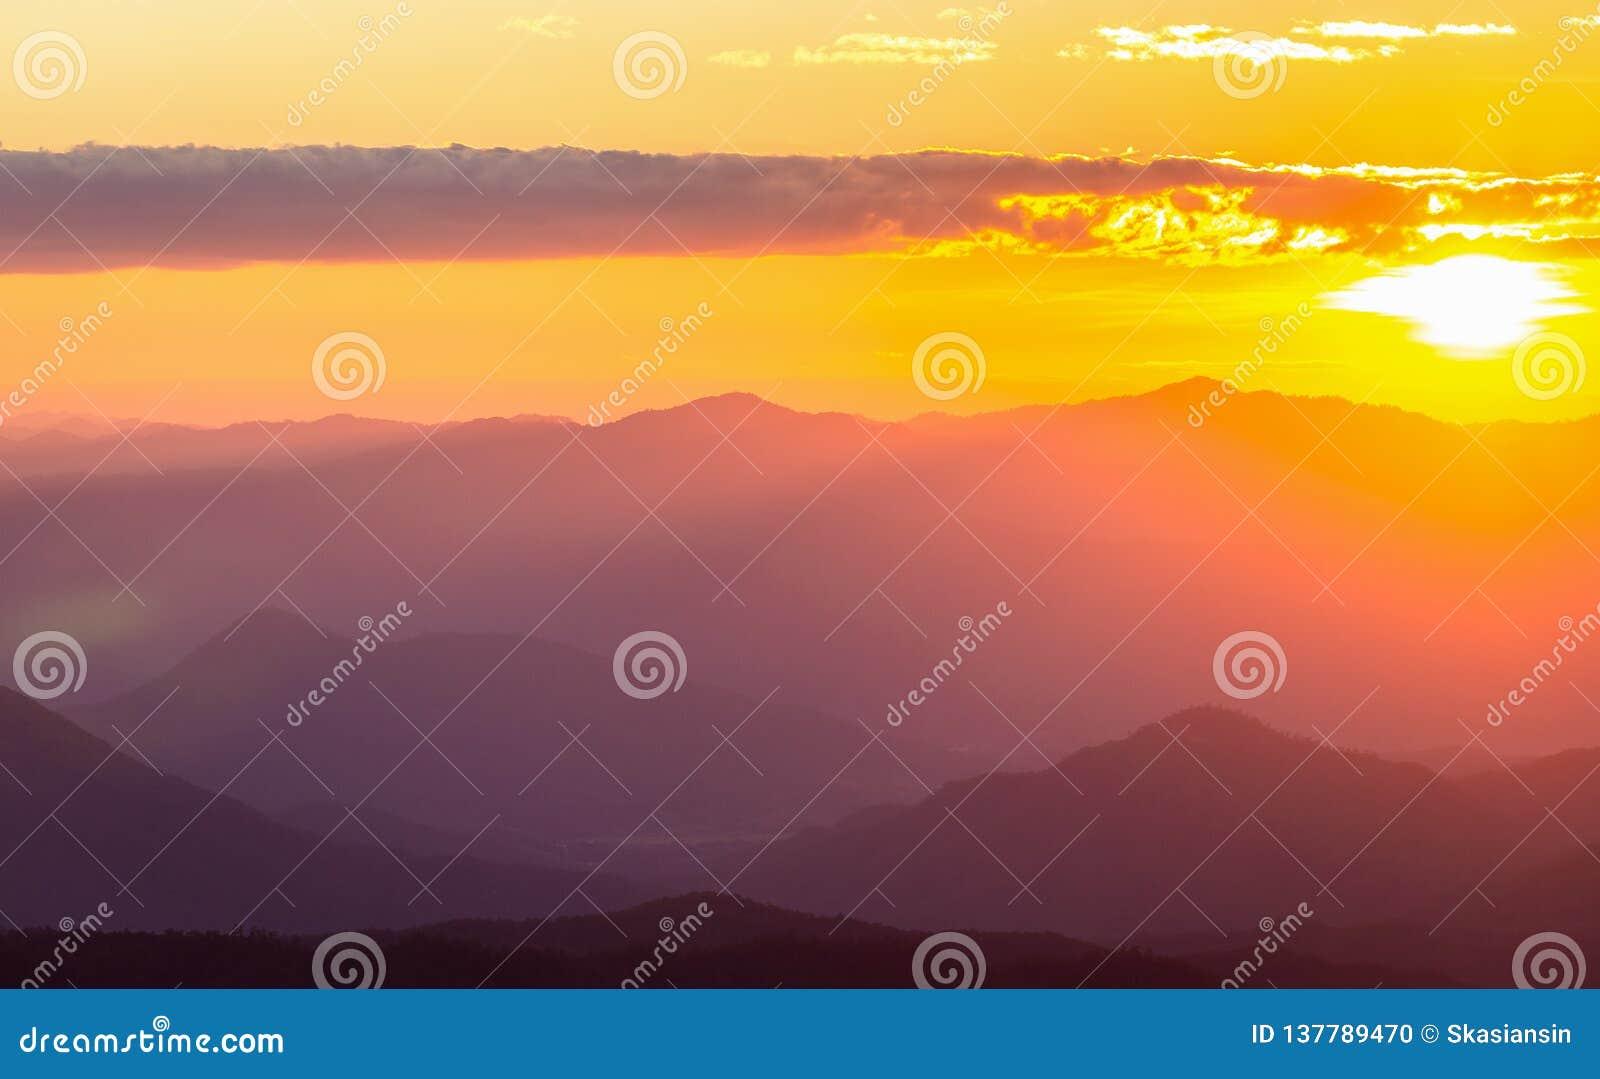 Cordillera nebulosa con el cielo dramático de la puesta del sol